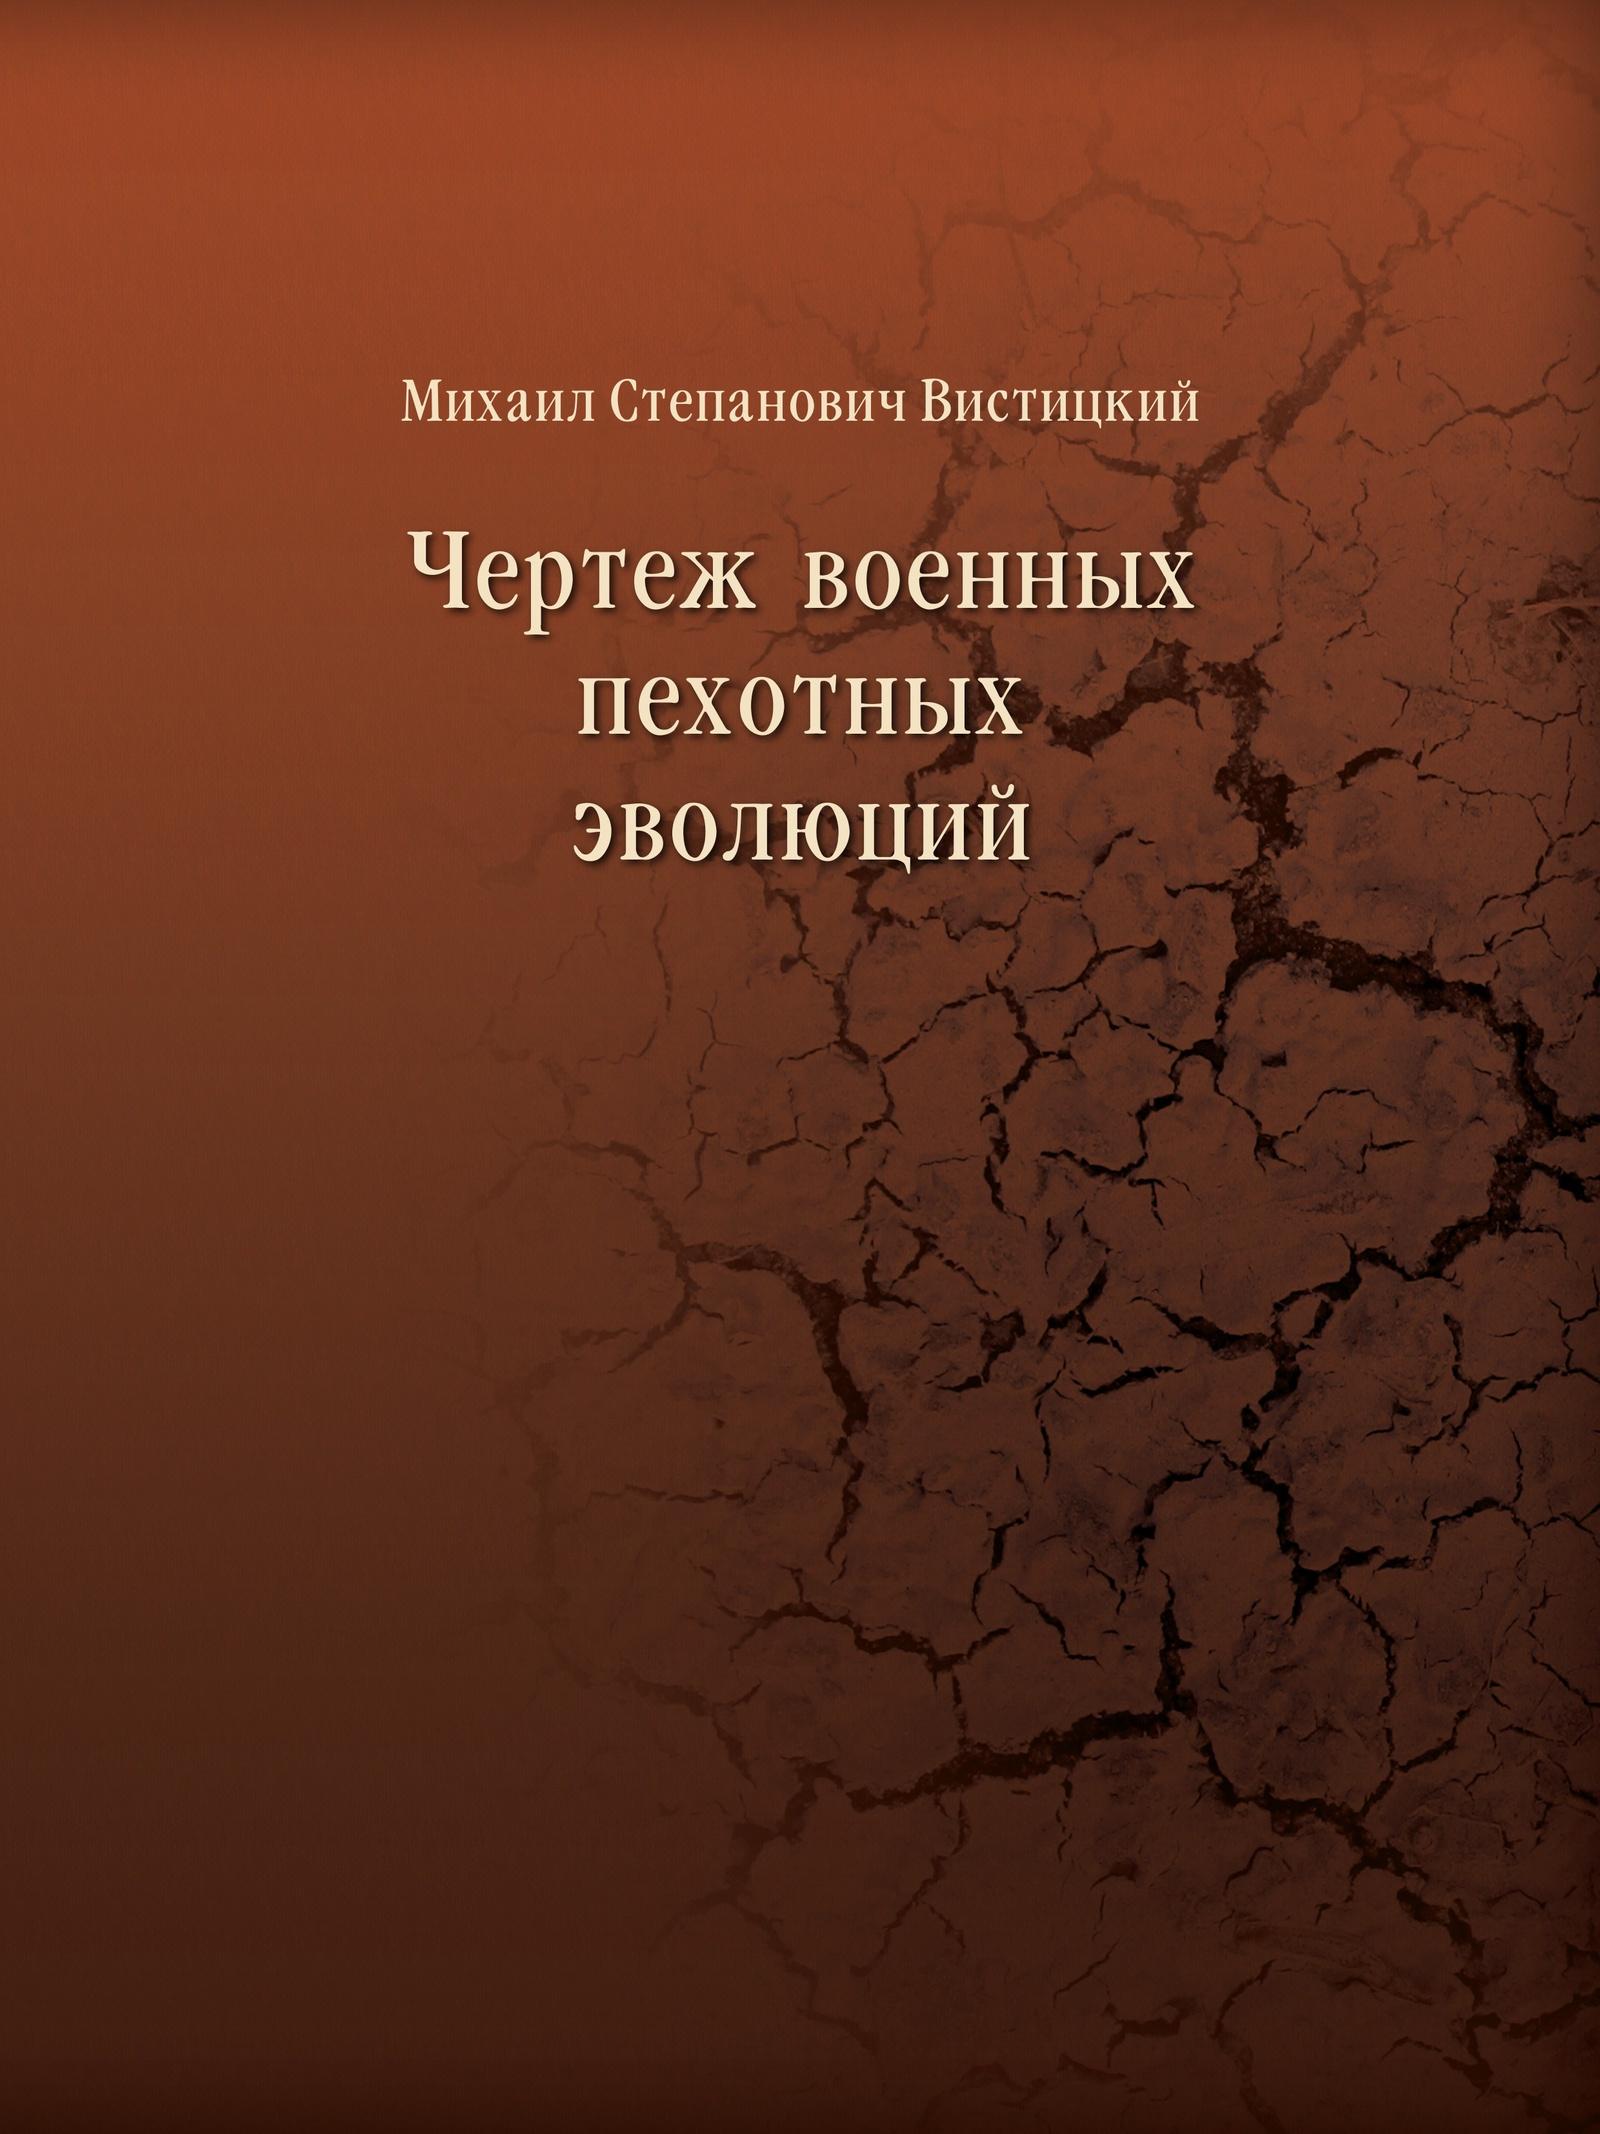 М.С. Вистицкий Чертеж военных пехотных эволюций